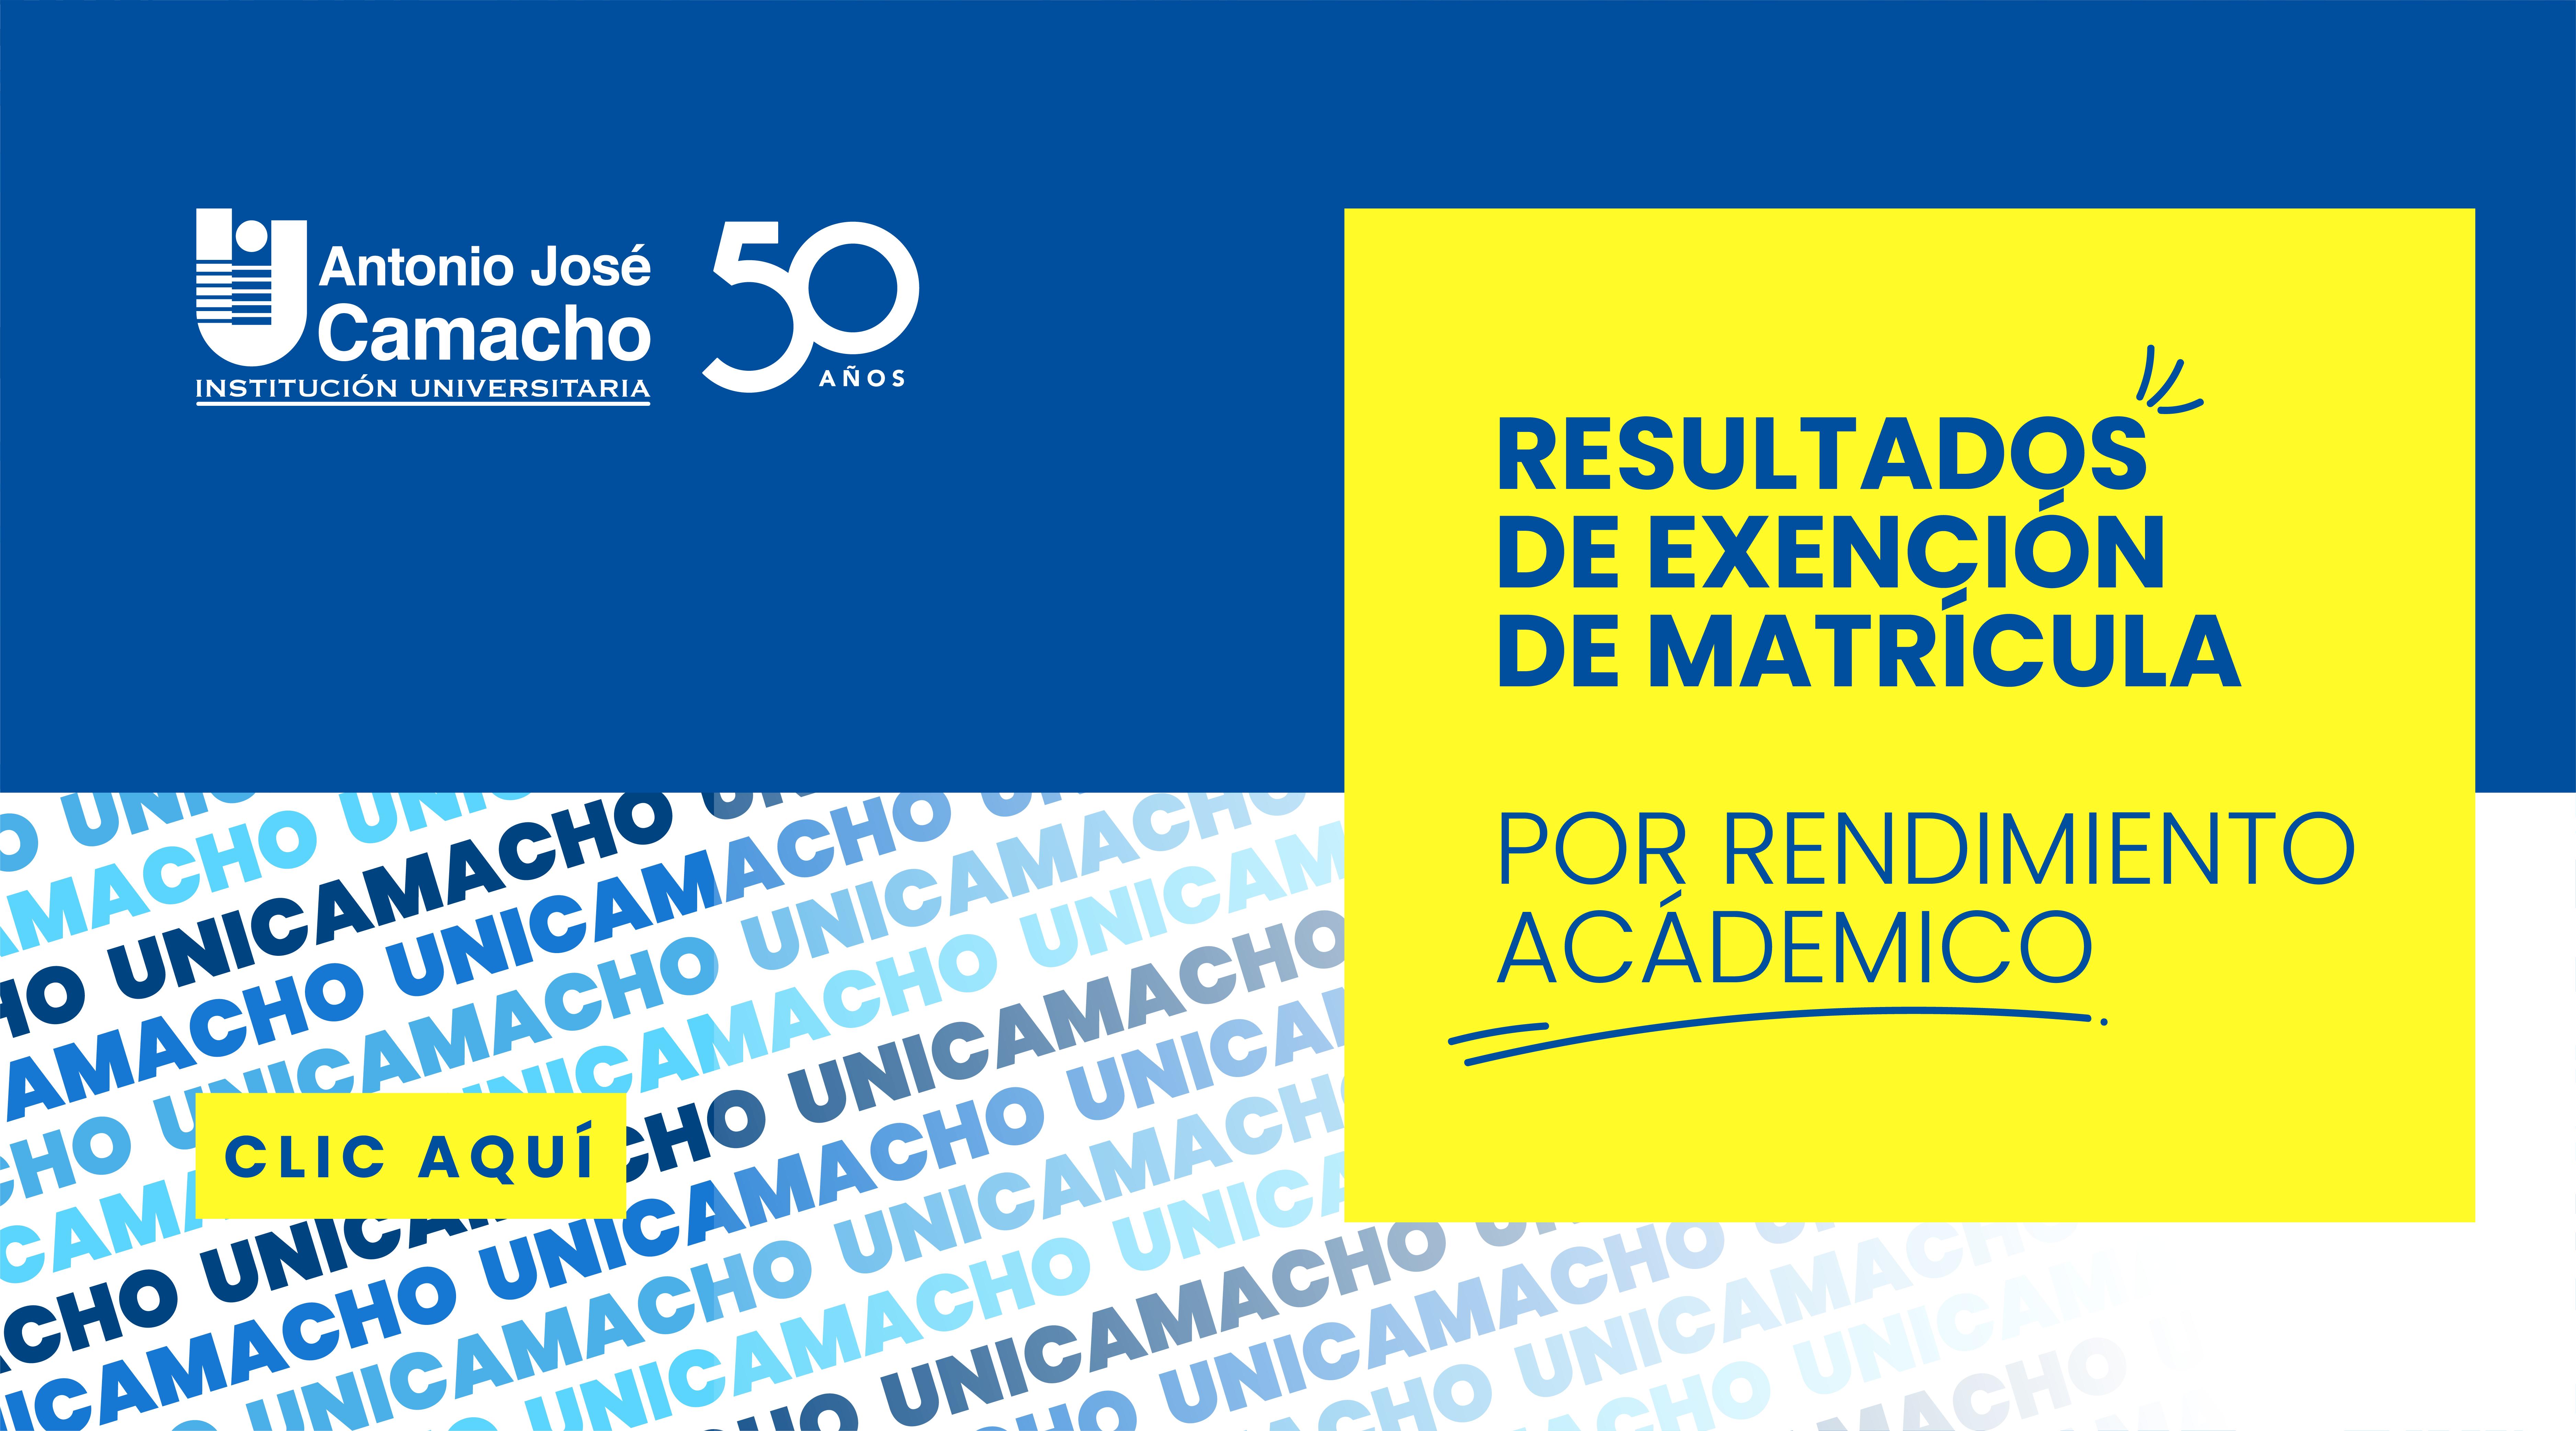 Exenciones De Matrícula Por Rendimiento Académico 2021-1